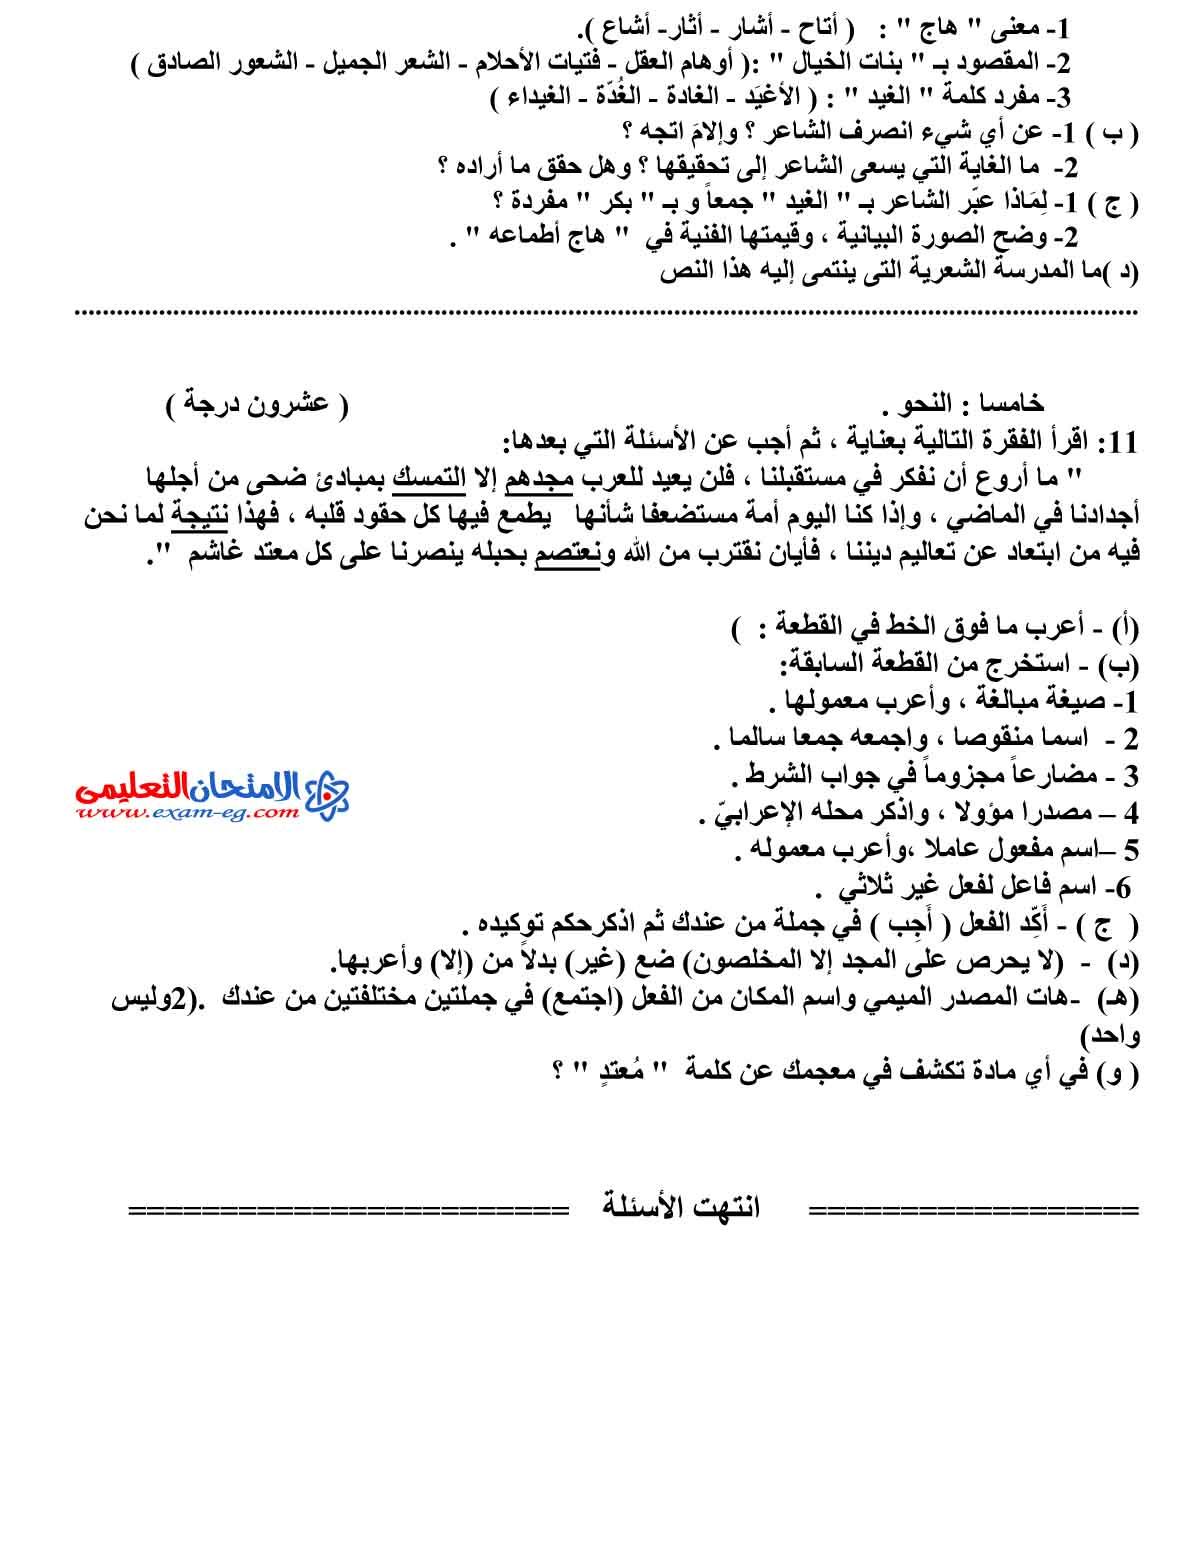 امتحان اللغة العربية 1 - مدرسة اون لاين (4)